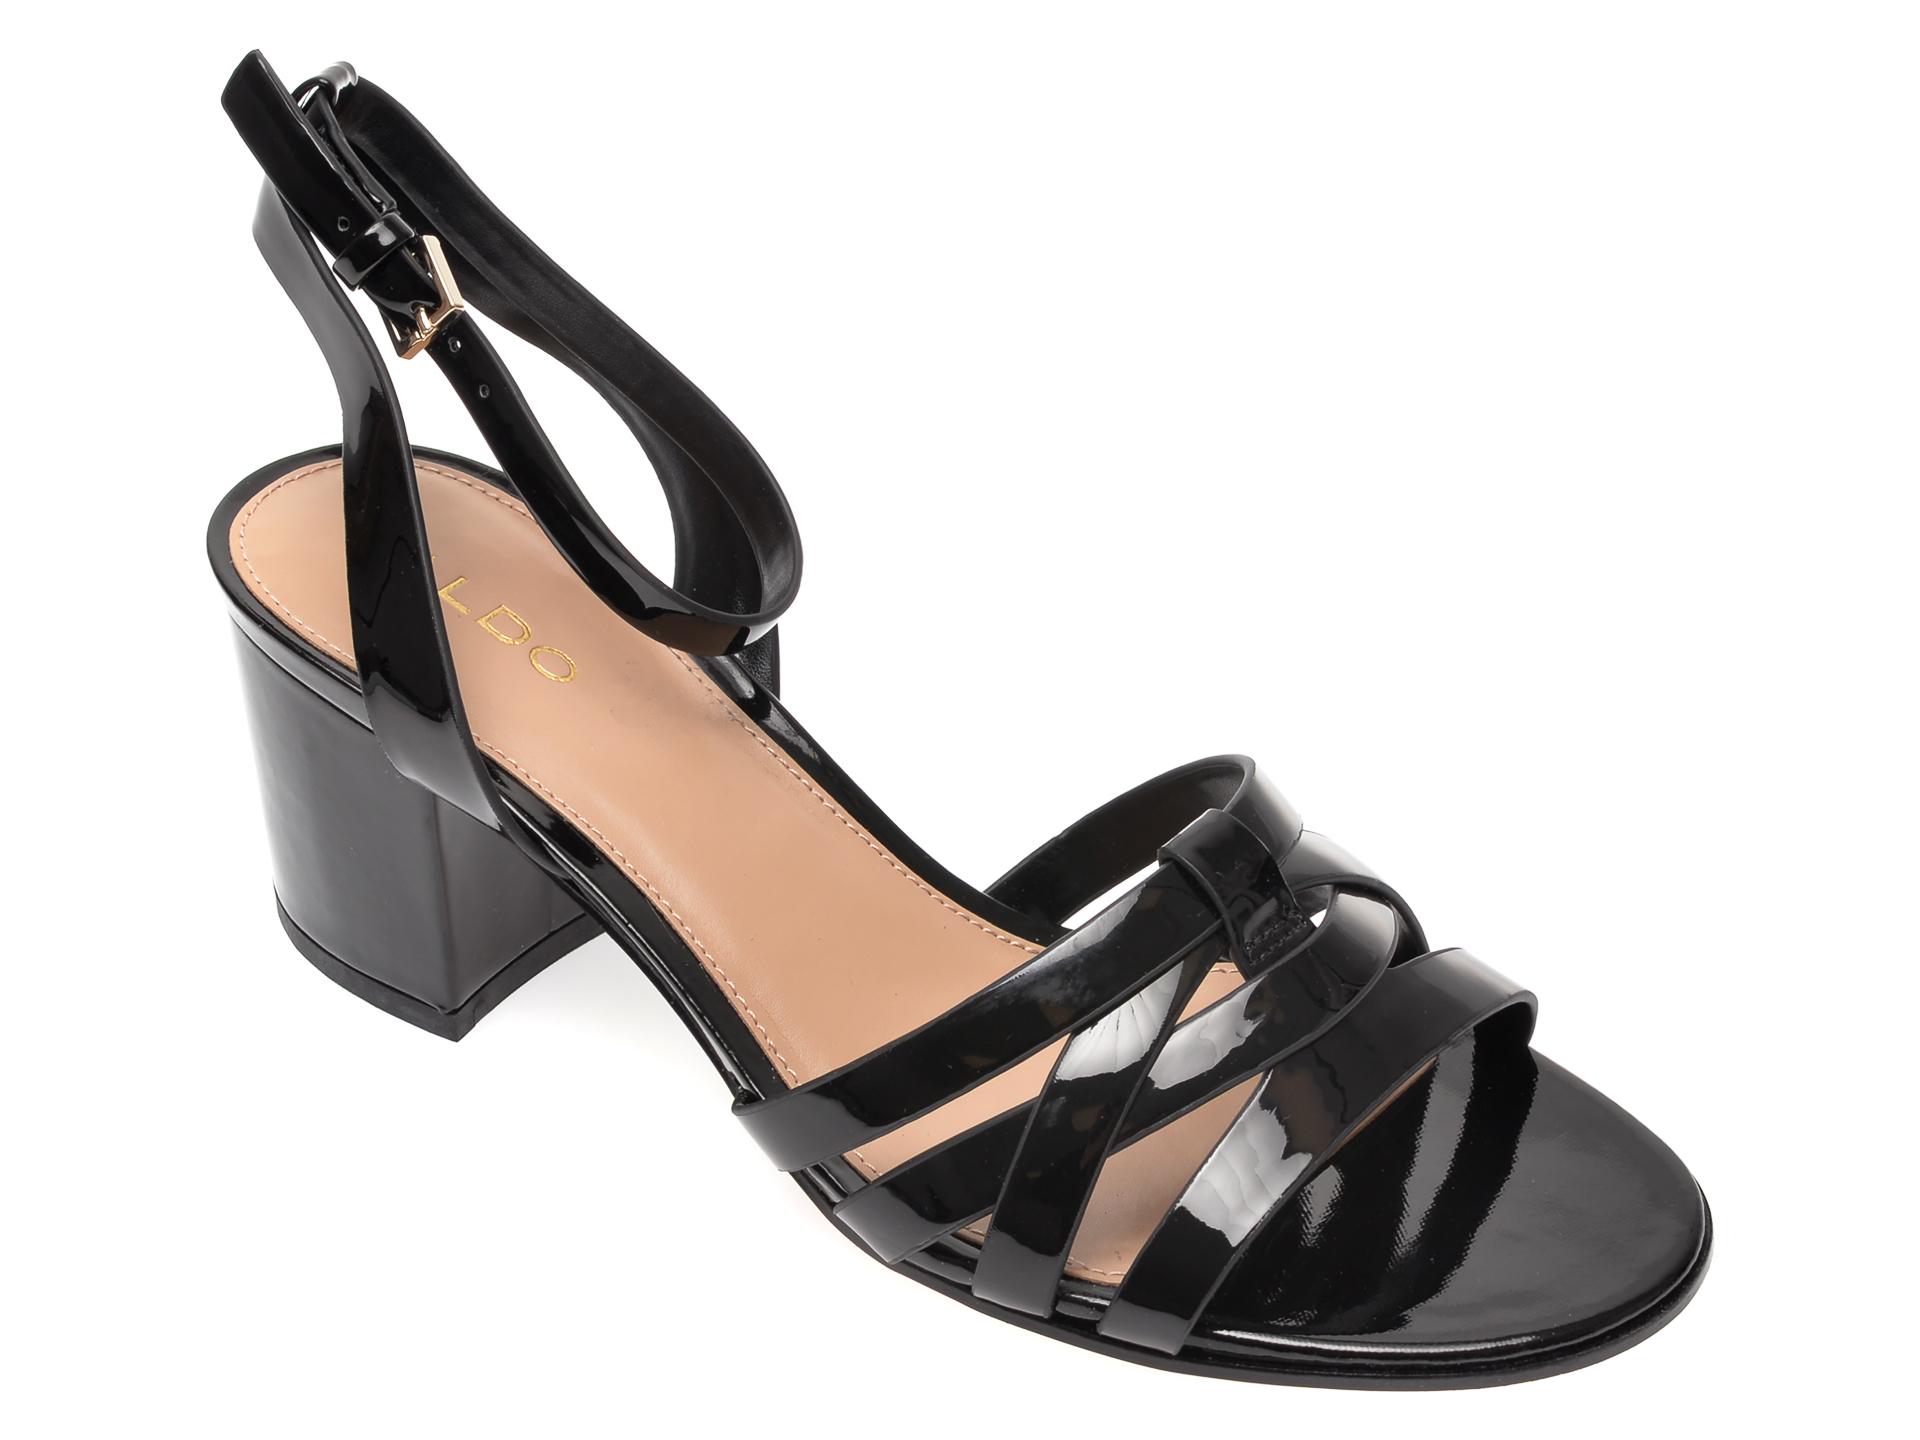 Sandale ALDO negre, Hillia001, din piele ecologica New